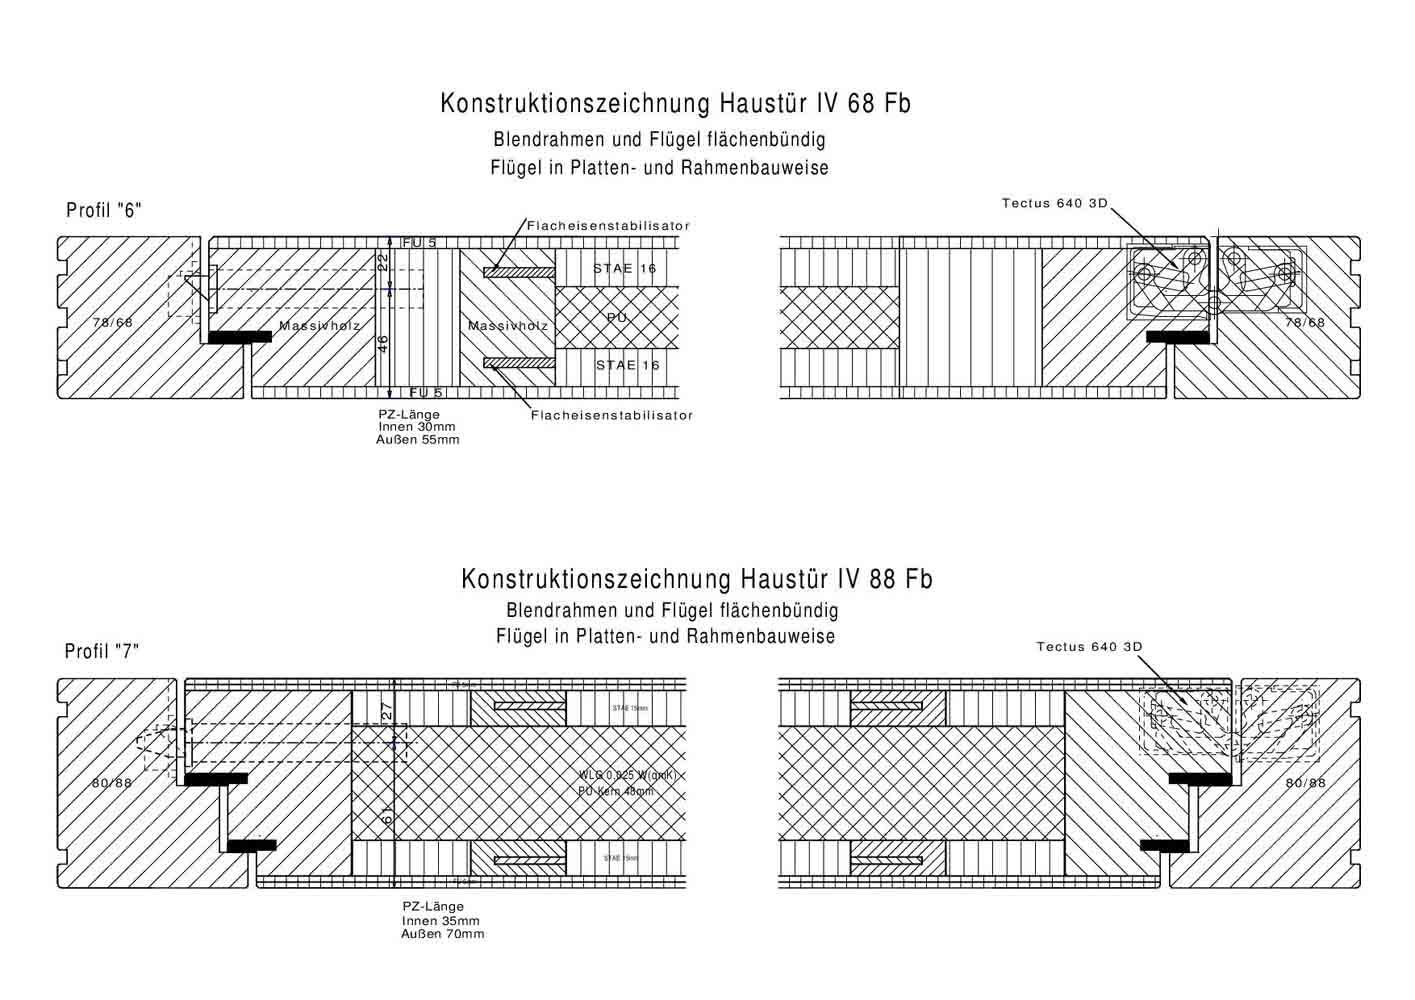 Haustür detail schnitt  Haustüren Brunkhorst, Haustüren aus Holz, Holzhaustüren ...